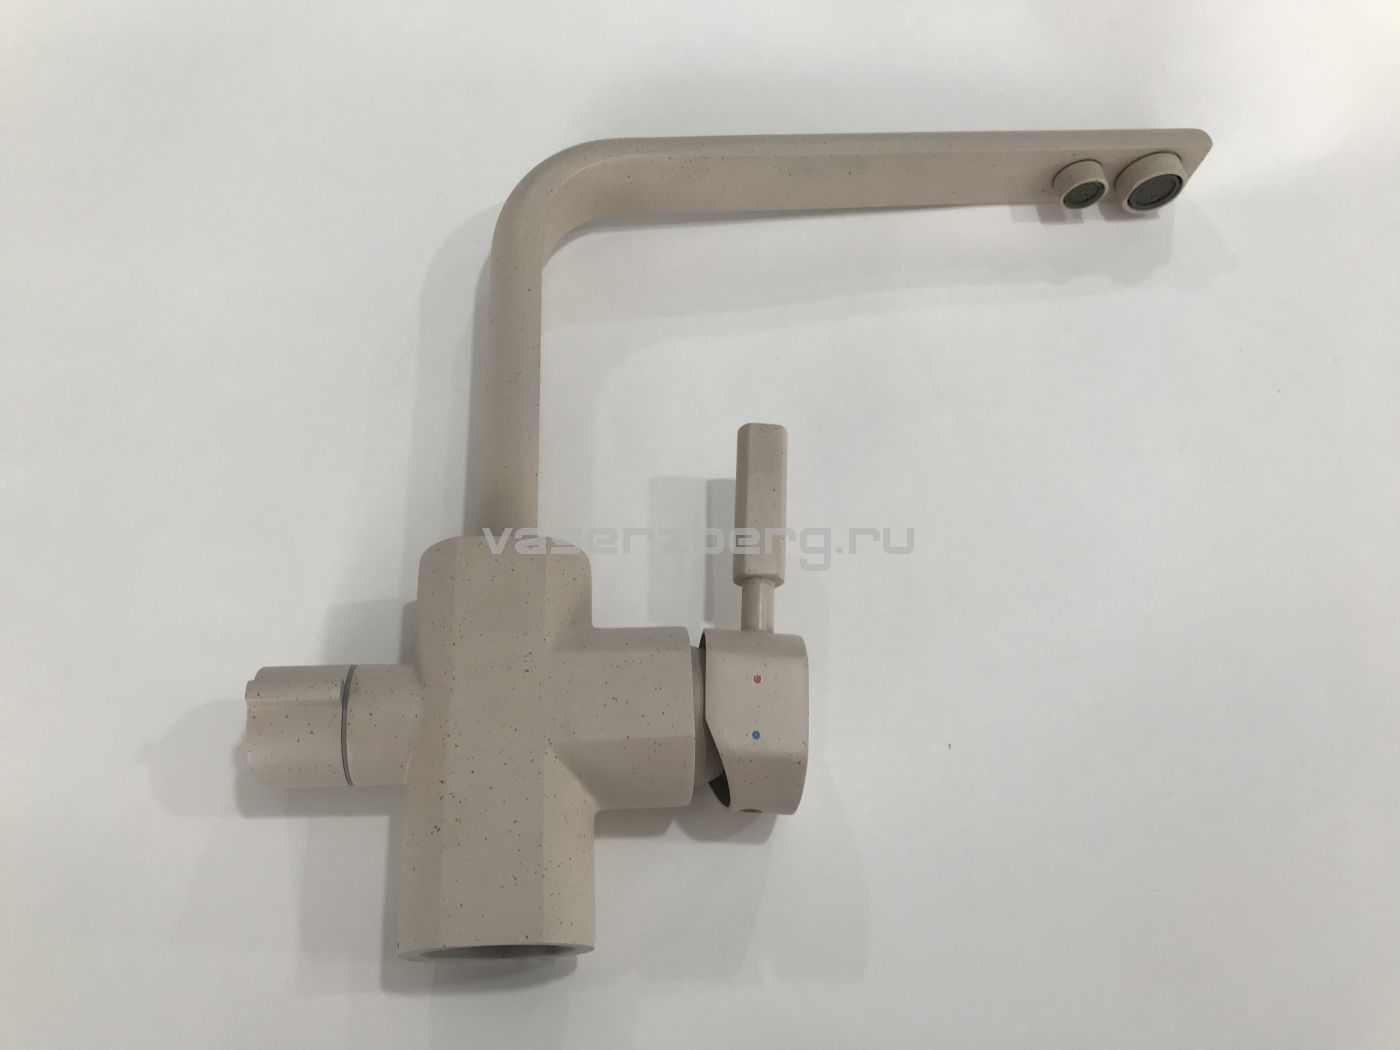 Kaiser Decor 40144-8 Granit Смеситель для кухни под фильтр Песочный